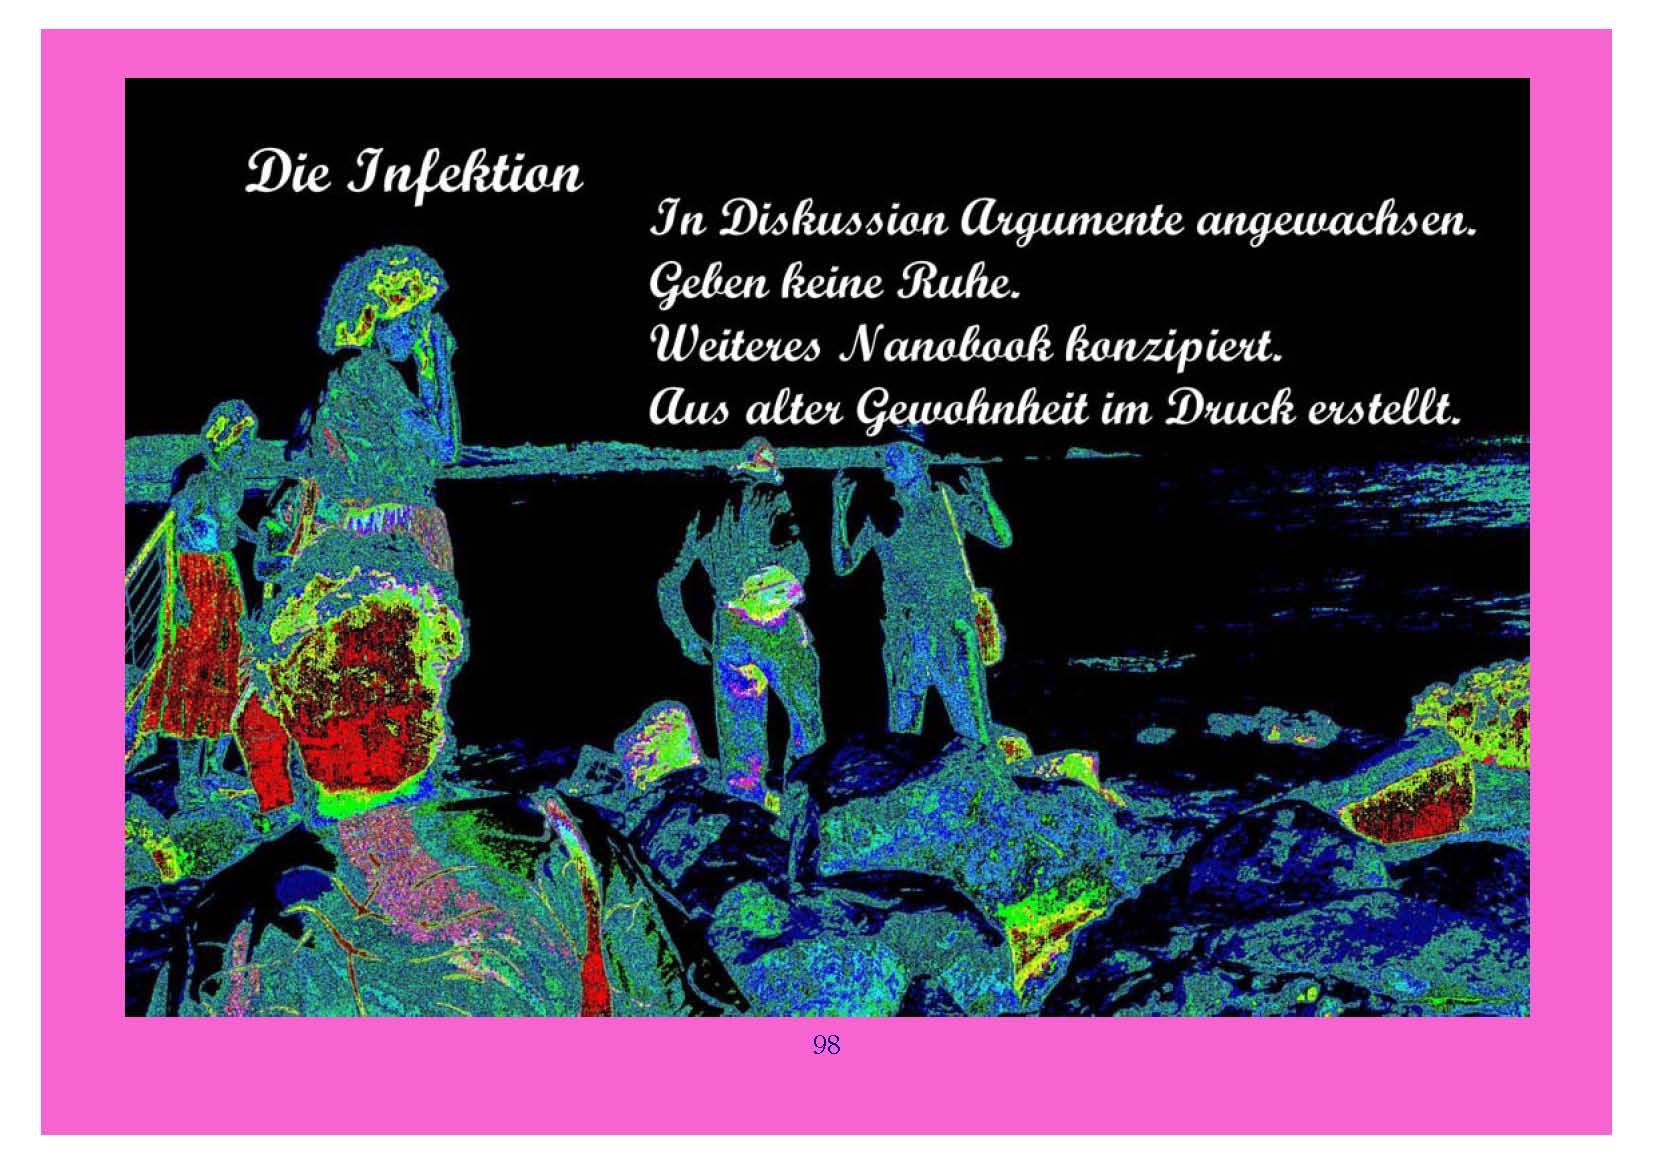 ™Gigabuch-Bibliothek/iAutobiographie Band 17/Bild 1339